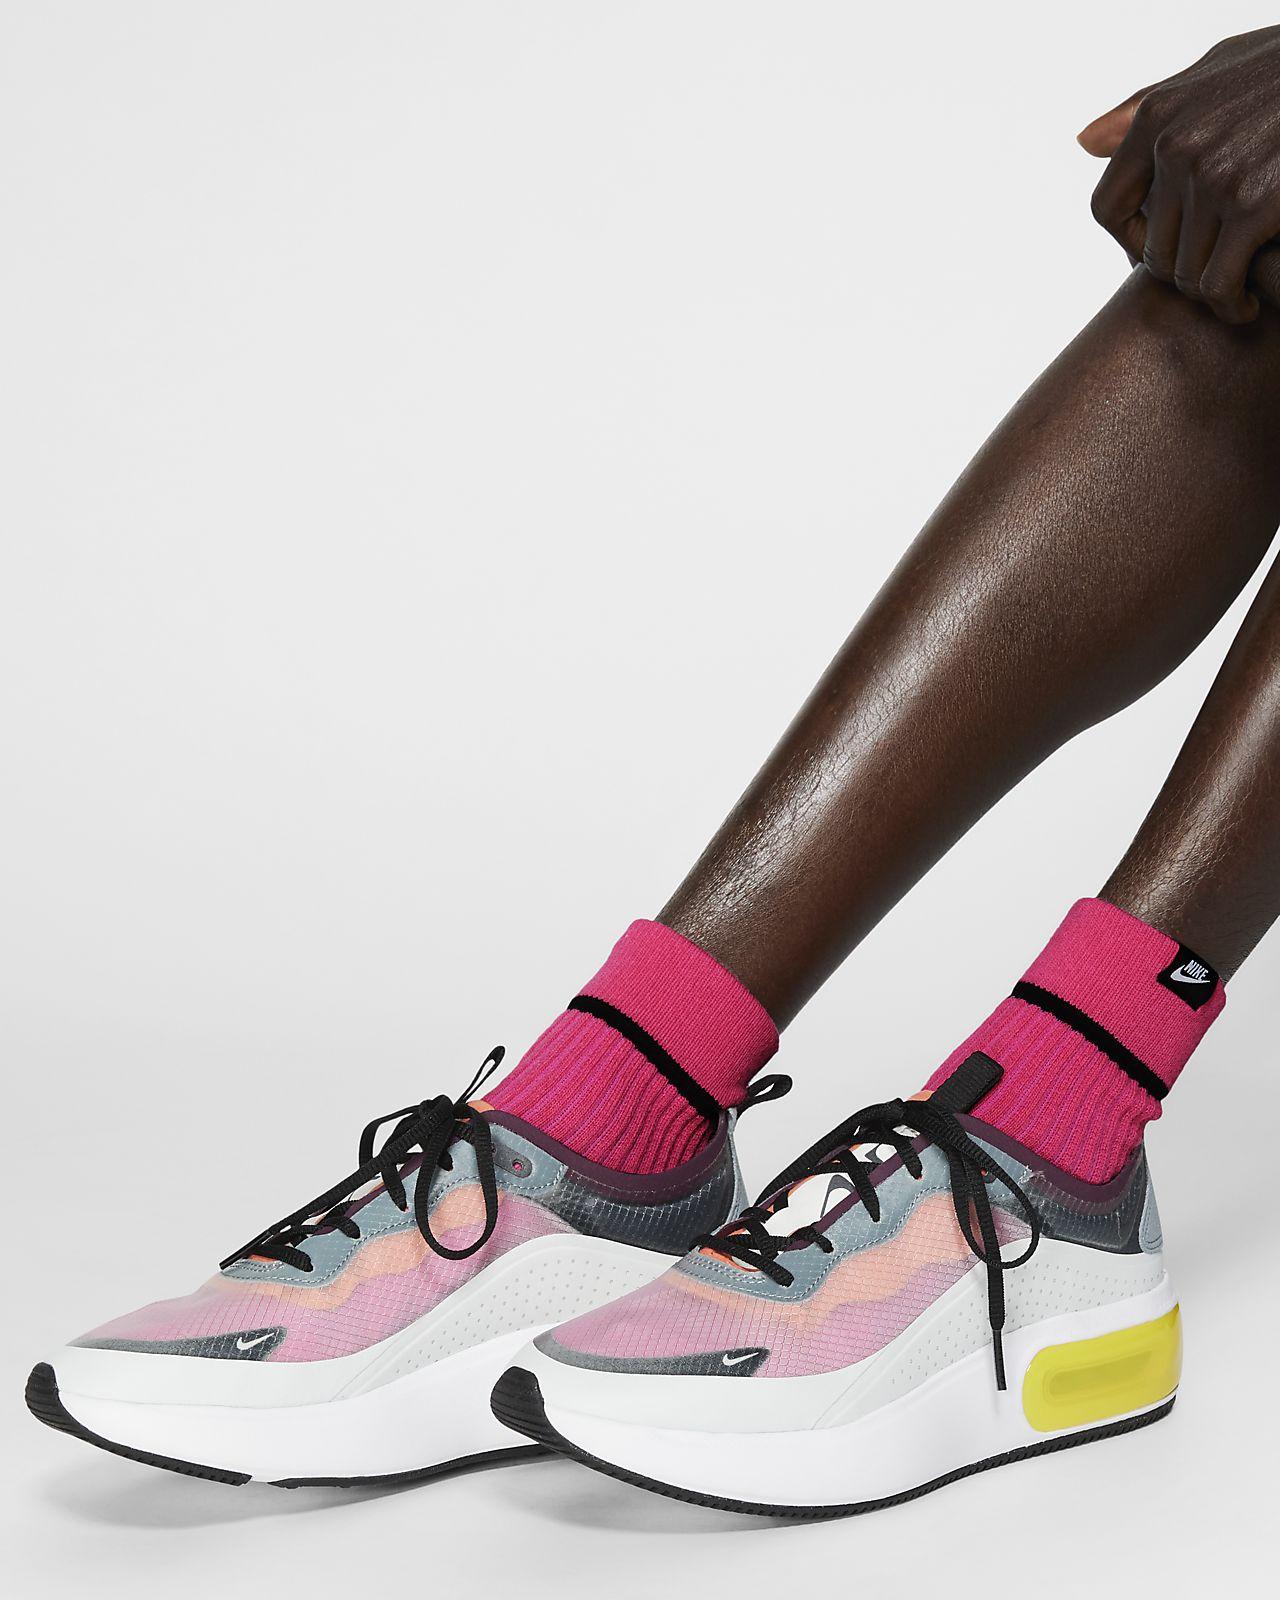 Nike SNEAKR Sox Knöchelsocken (2 Paar)